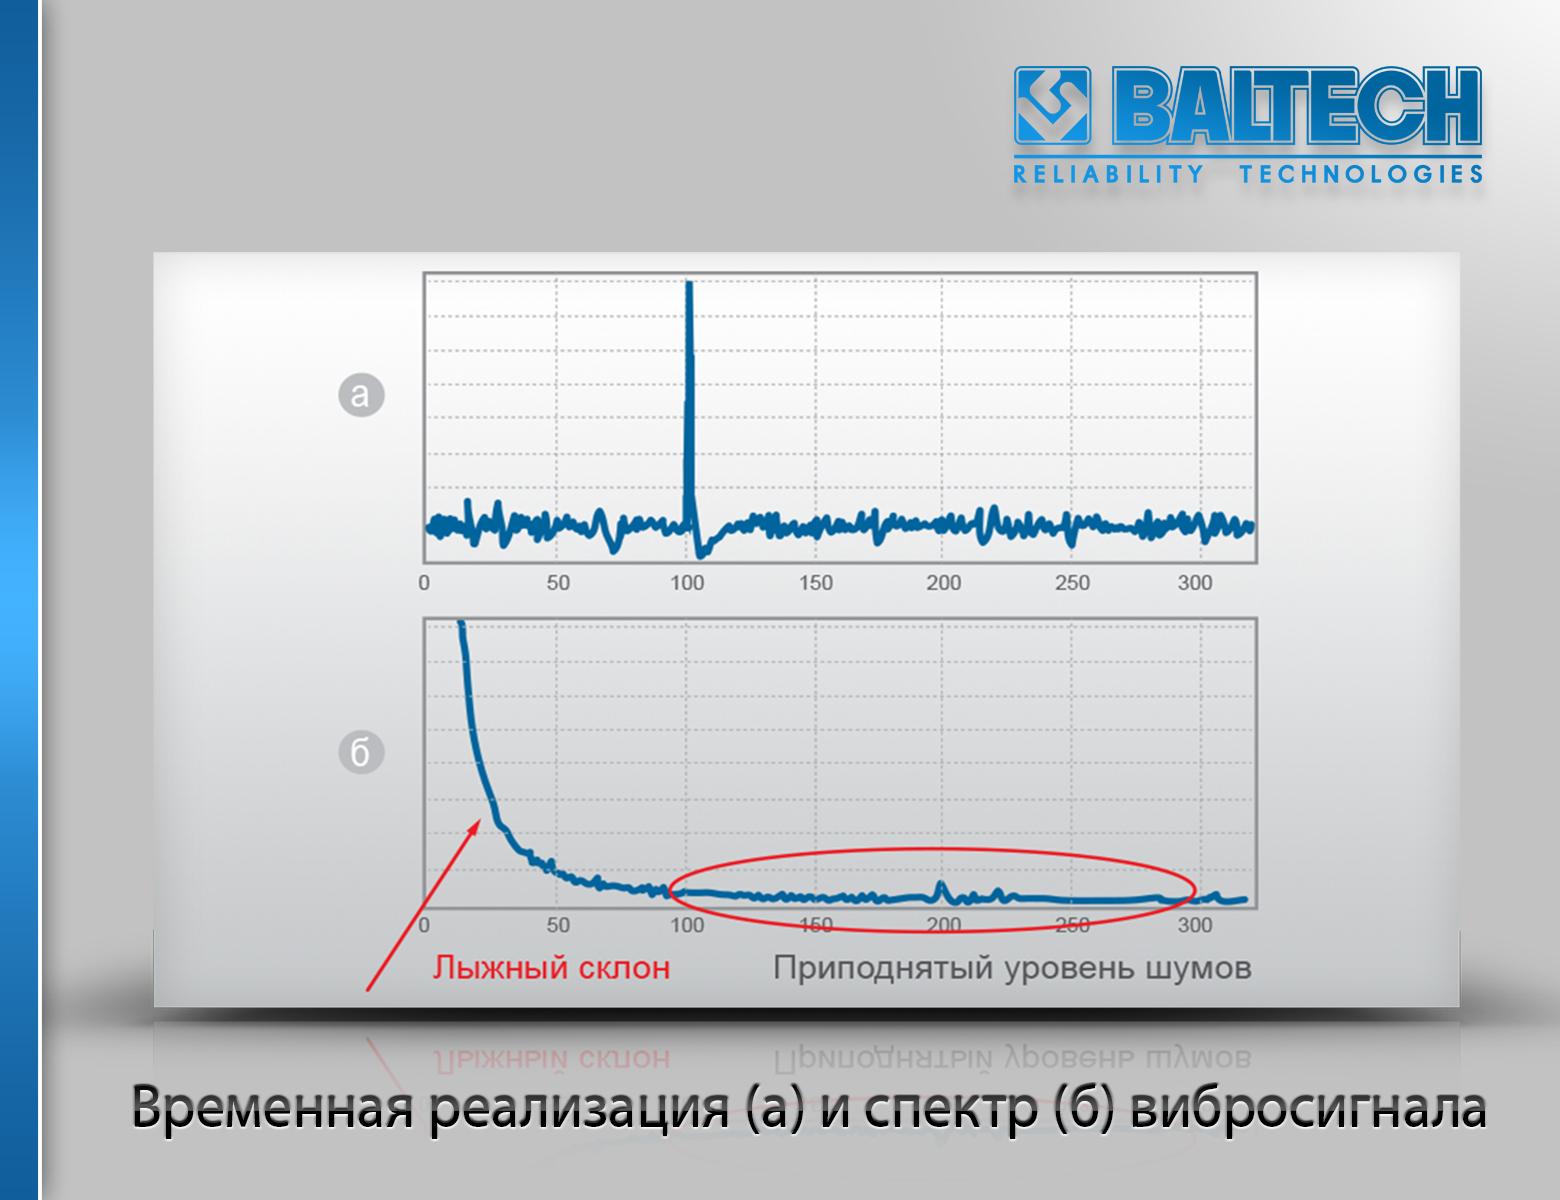 Методы спектрального анализа, вибродиагностика машин,  спектральная вибродиагностика, анализ спектров вибрации